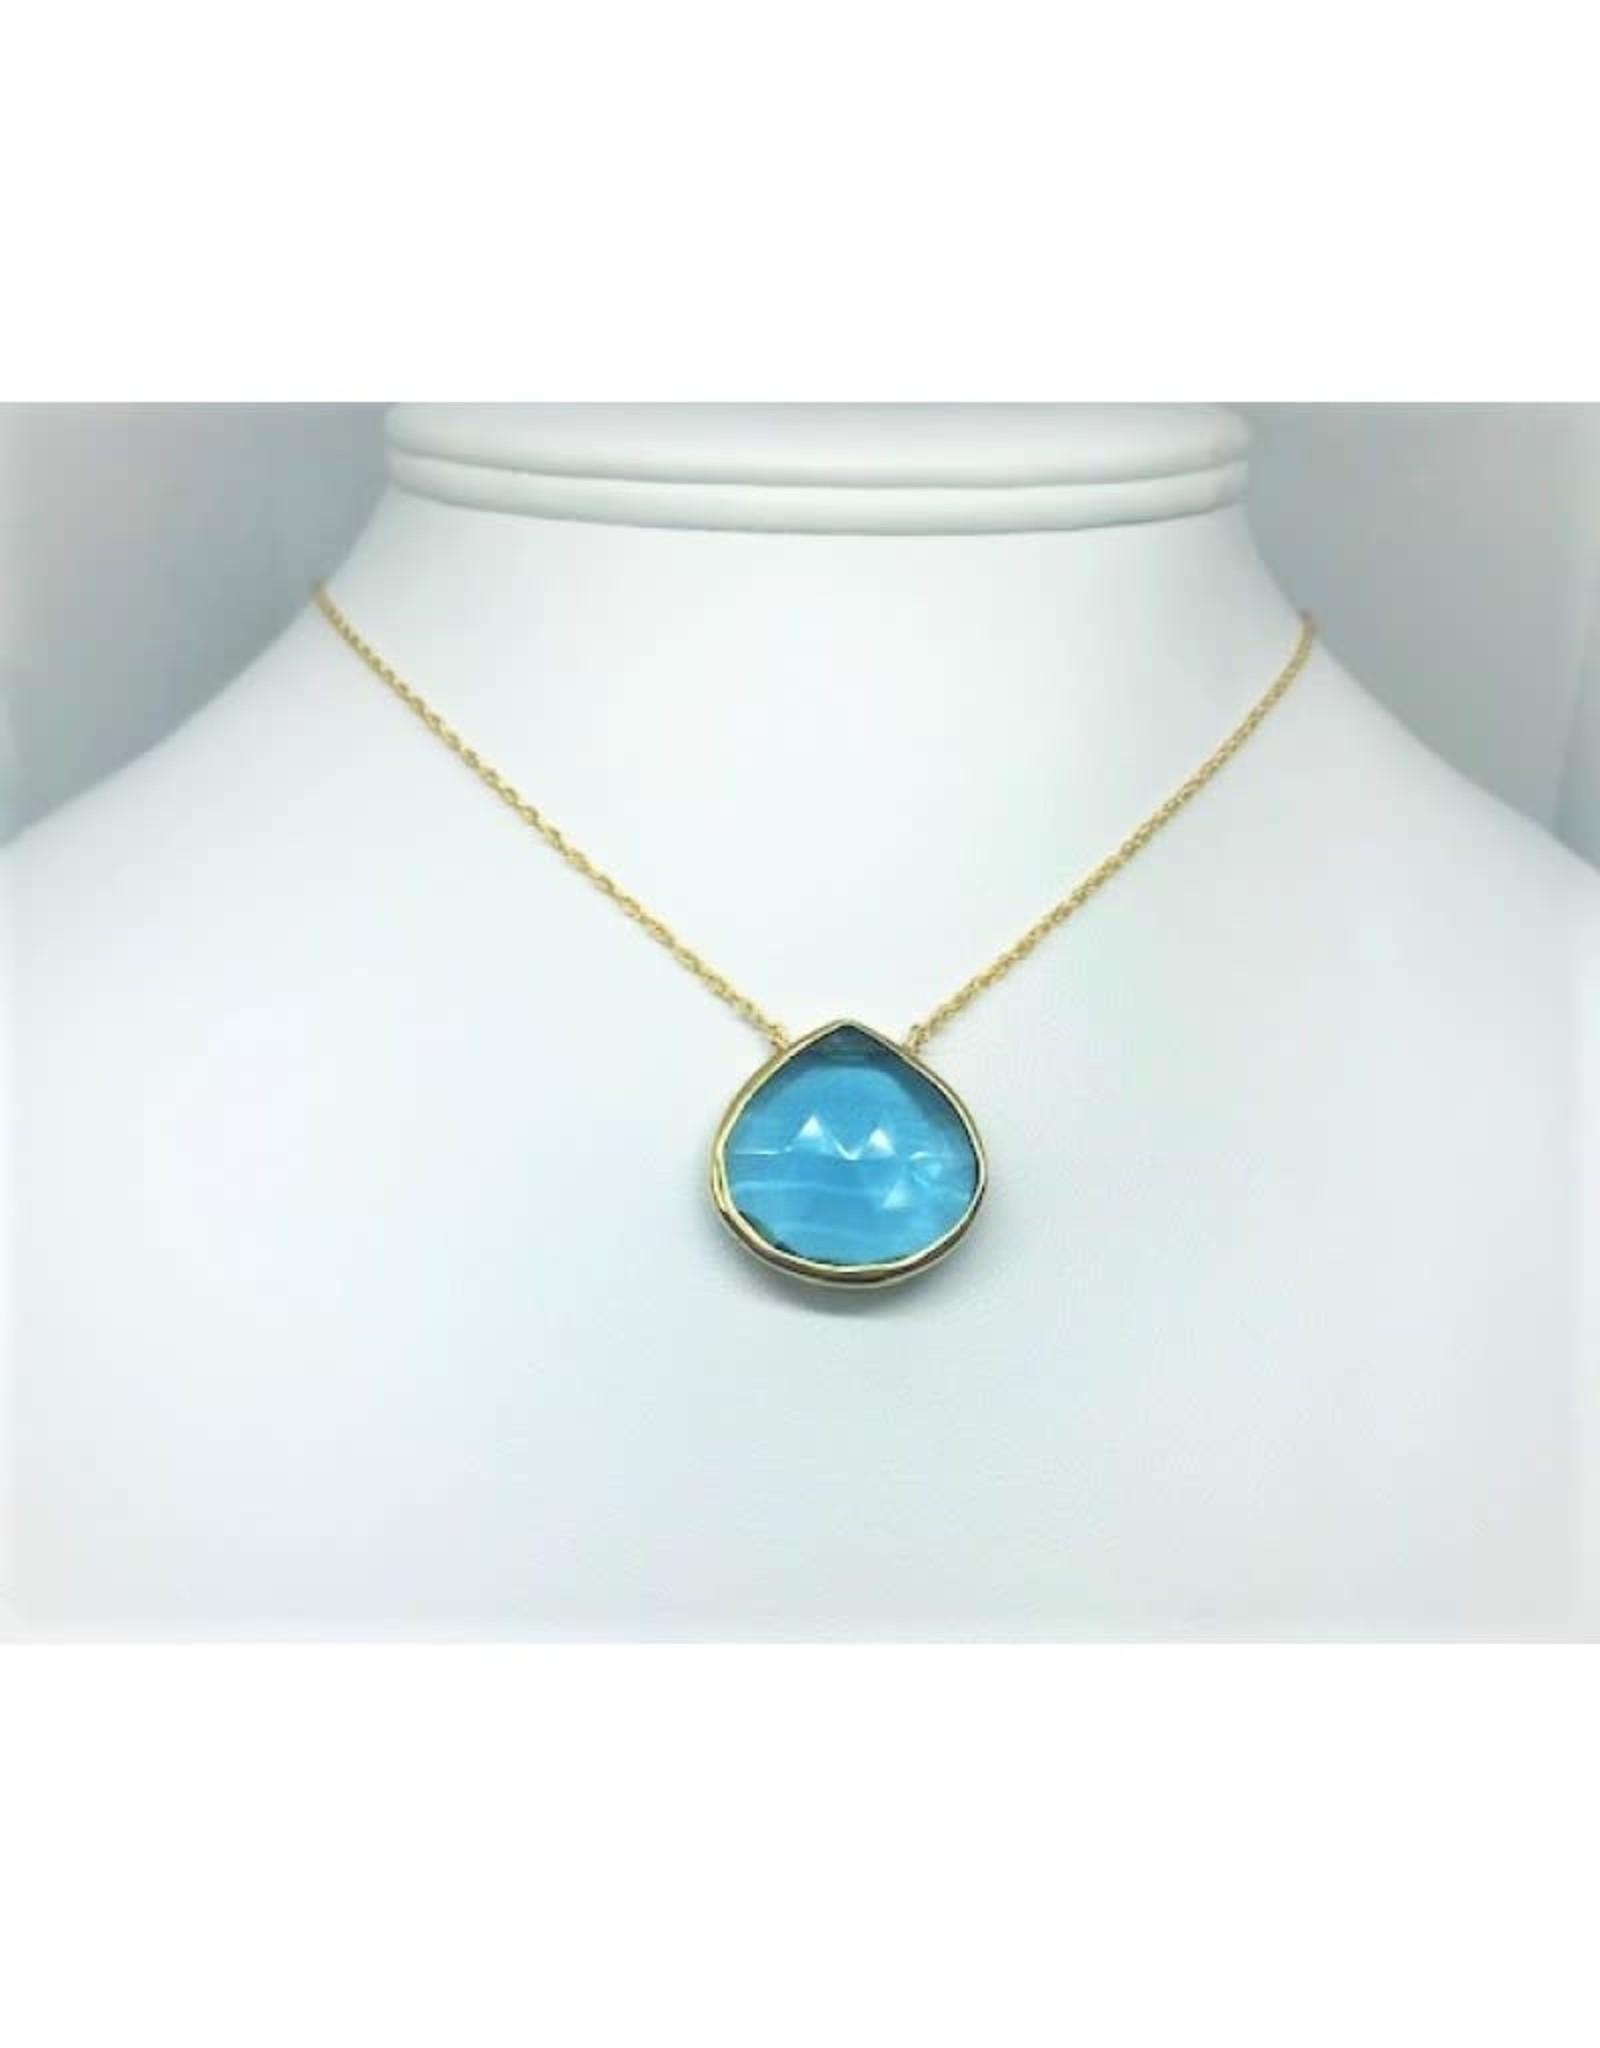 Blue Topaz Pendant Necklace - Gold